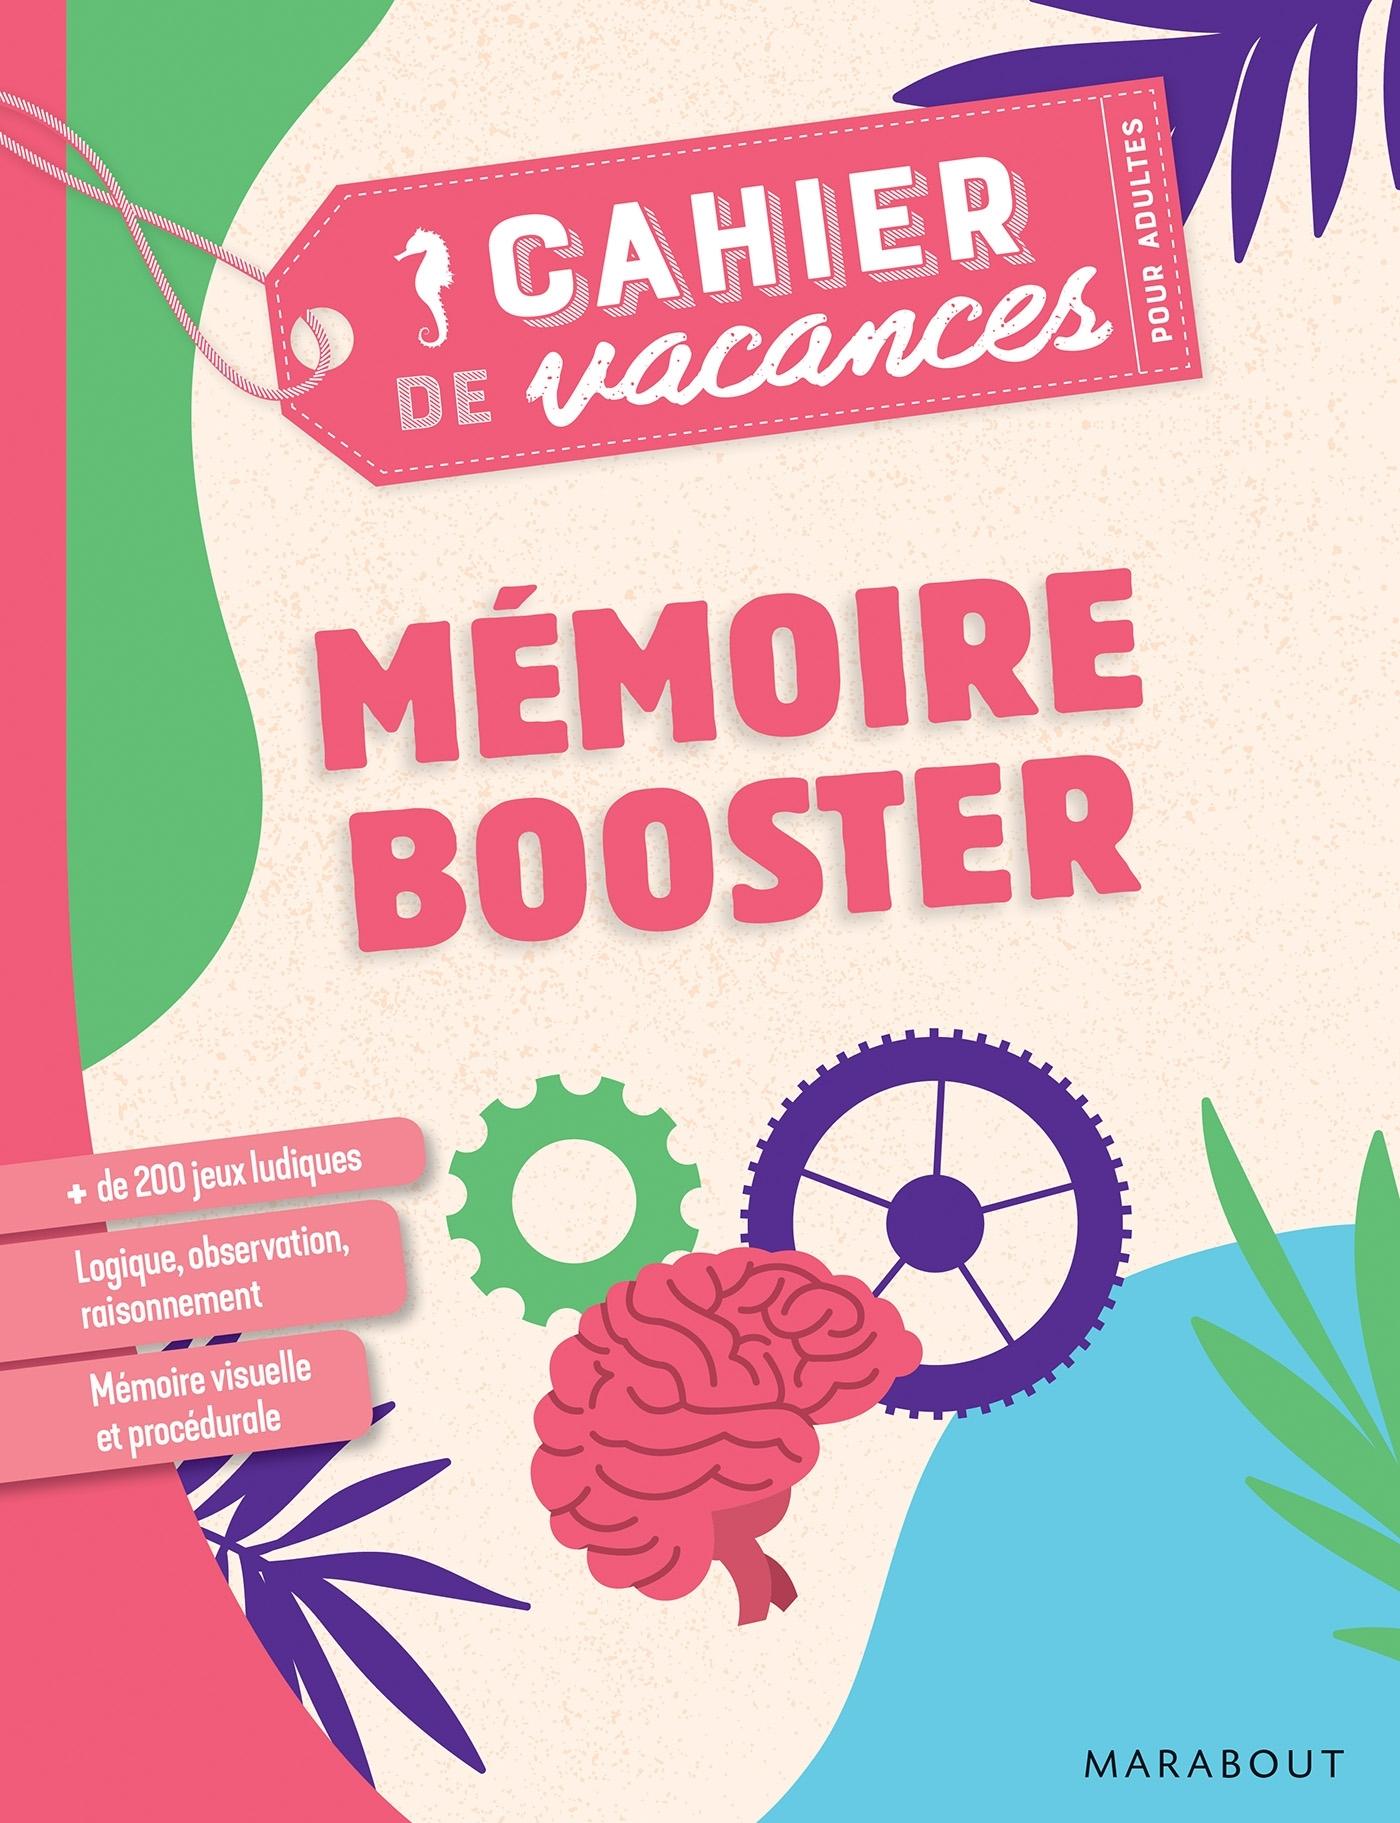 CAHIER DE VACANCES POUR ADULTES 2019 - MEMOIRE BOOSTER